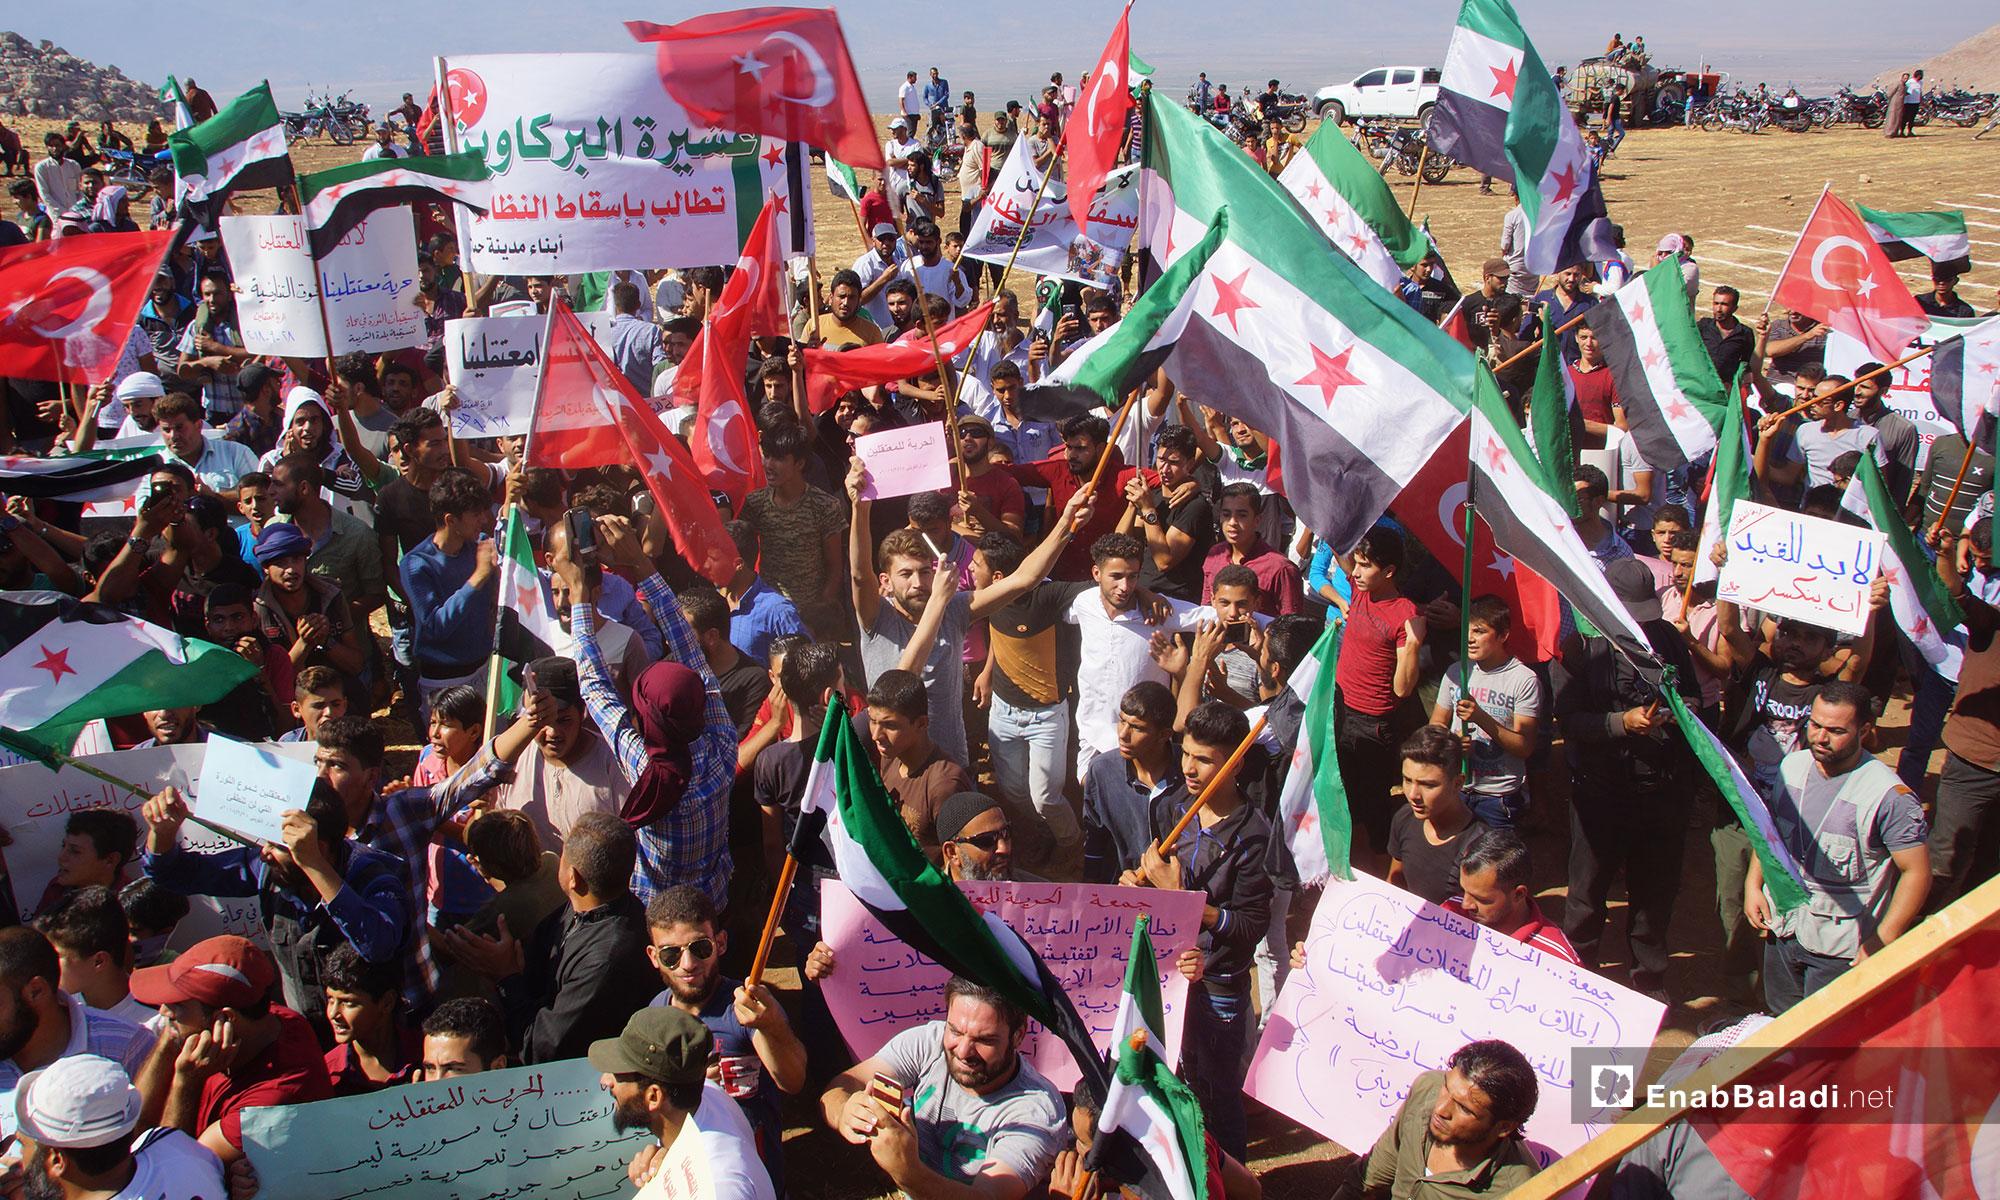 مظاهرات في ريف حماة تطالب بإخراج المعتقلين من سجون النظام - 28 من أيلول 2018 (عنب بلدي)